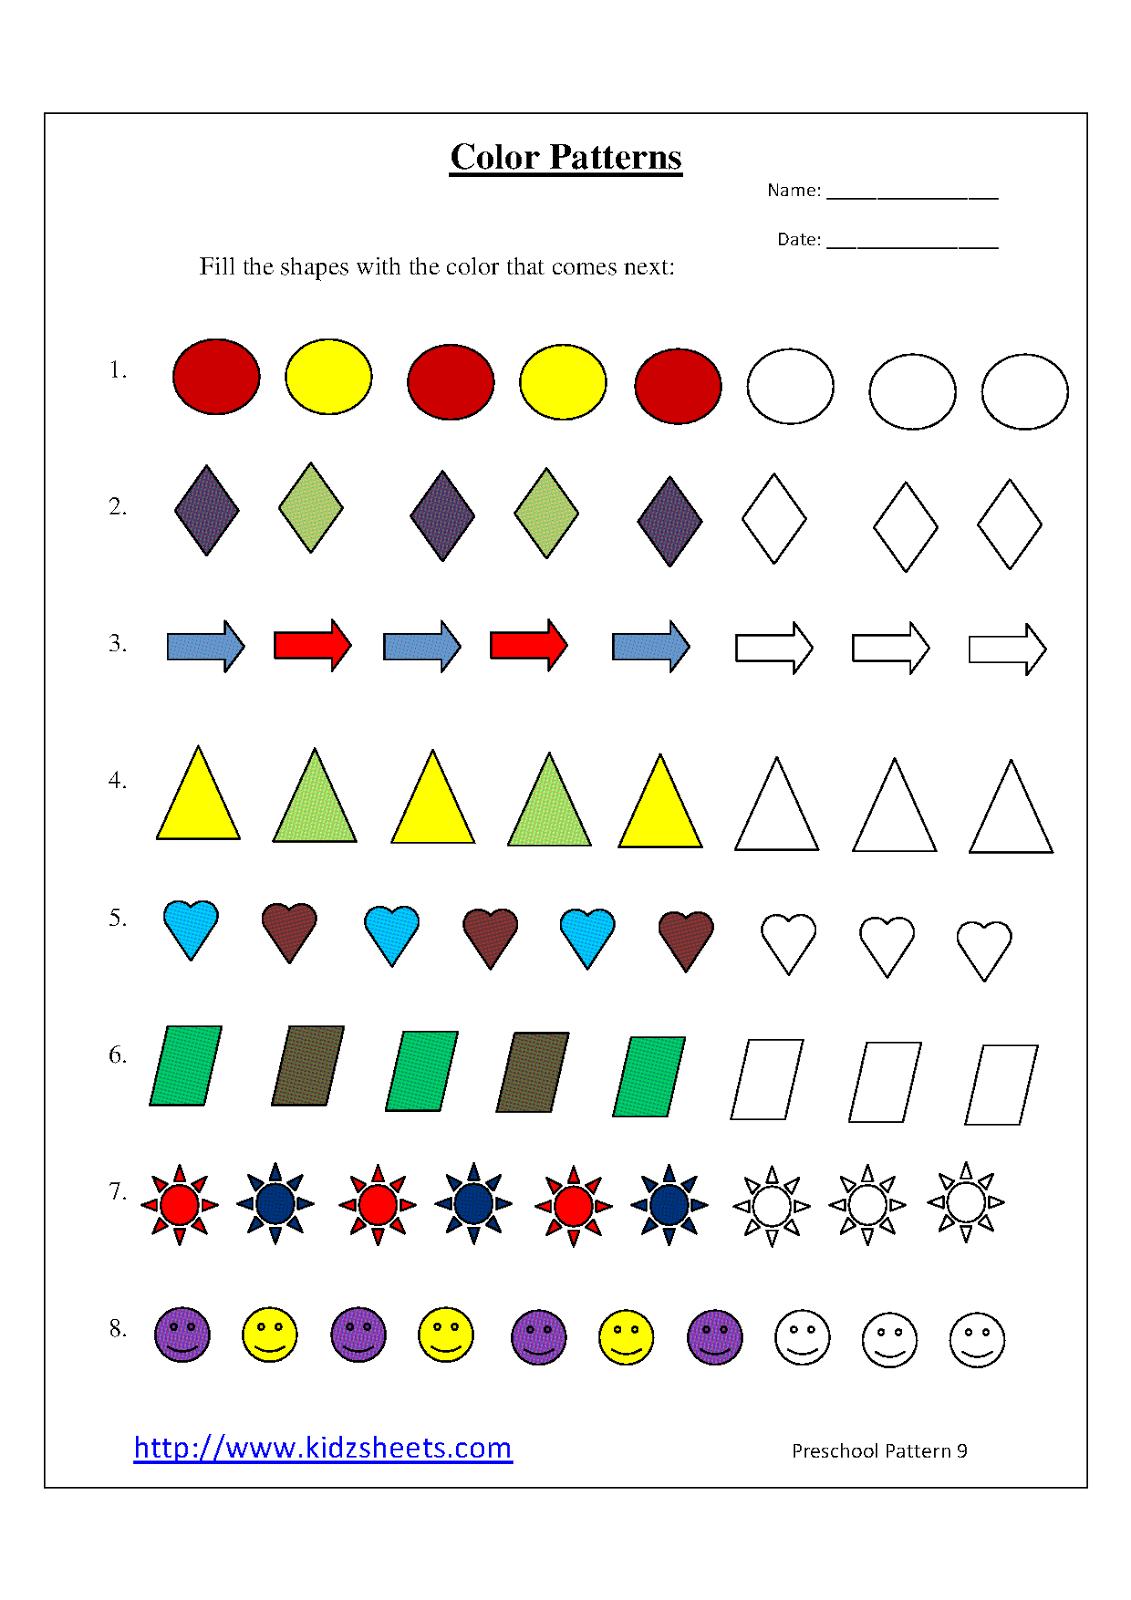 medium resolution of Kidz Worksheets: Preschool Color Patterns Worksheet9